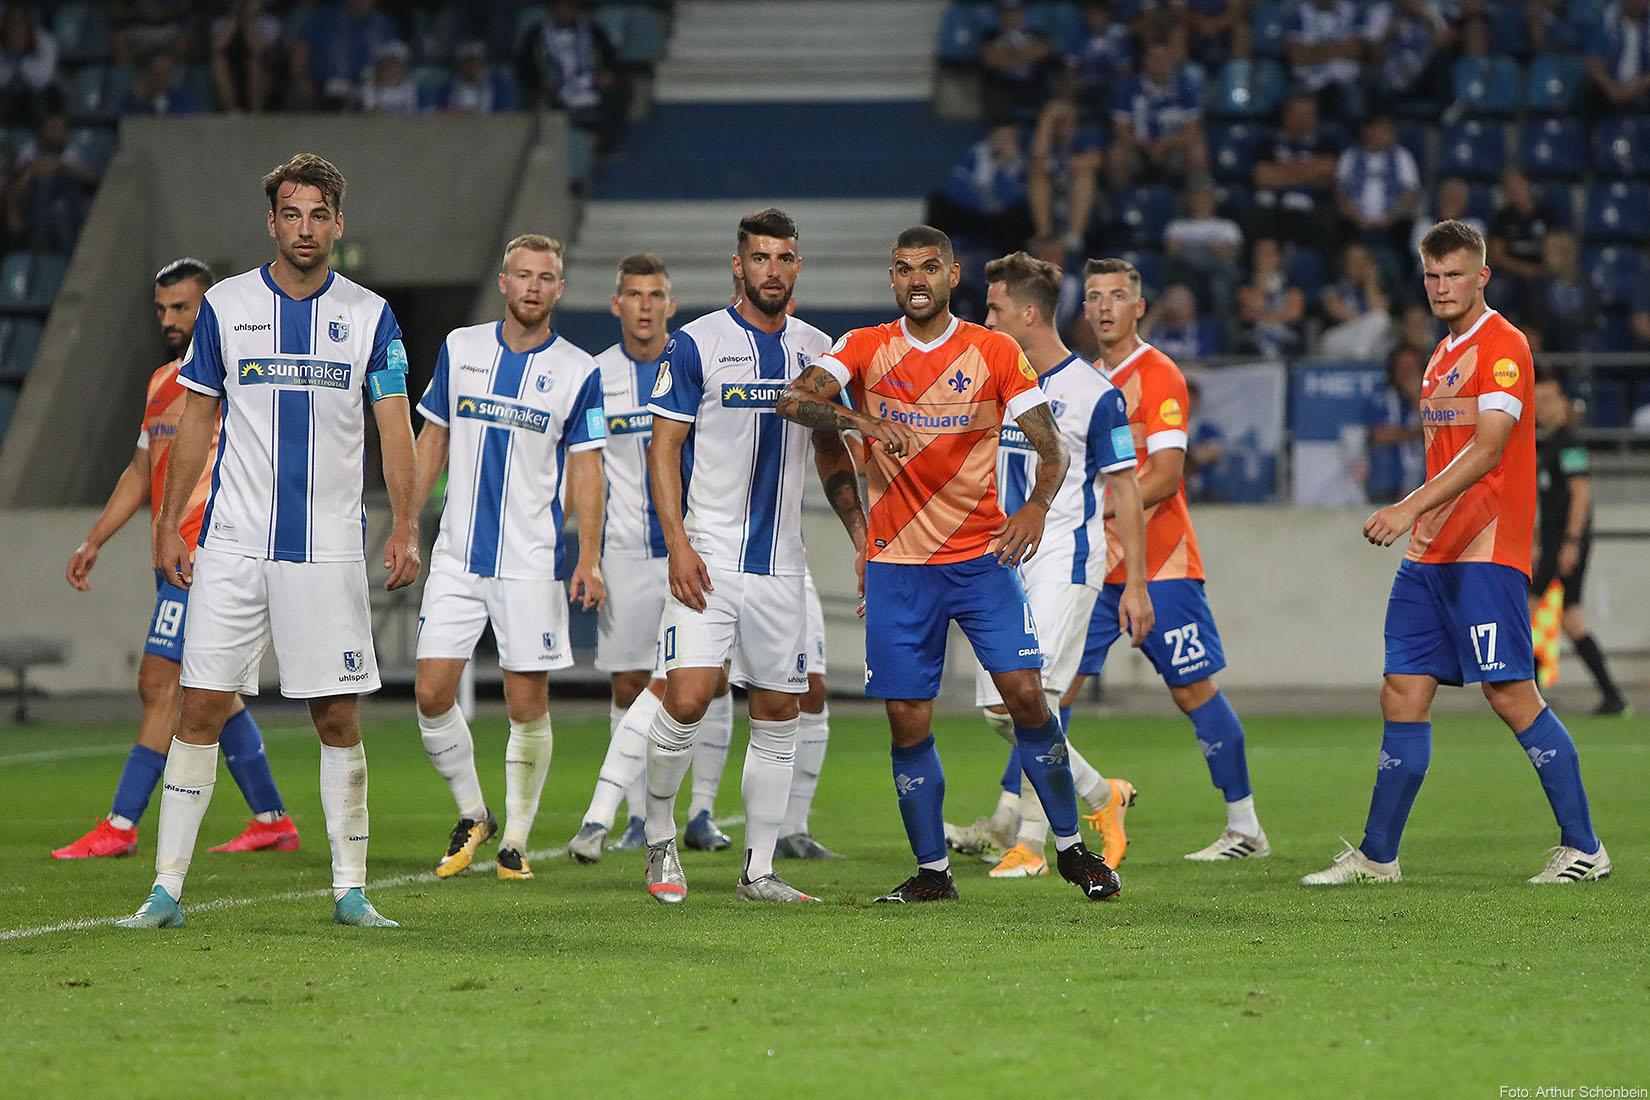 Impressionen vom Pokalspiel beim 1. FC Magdeburg